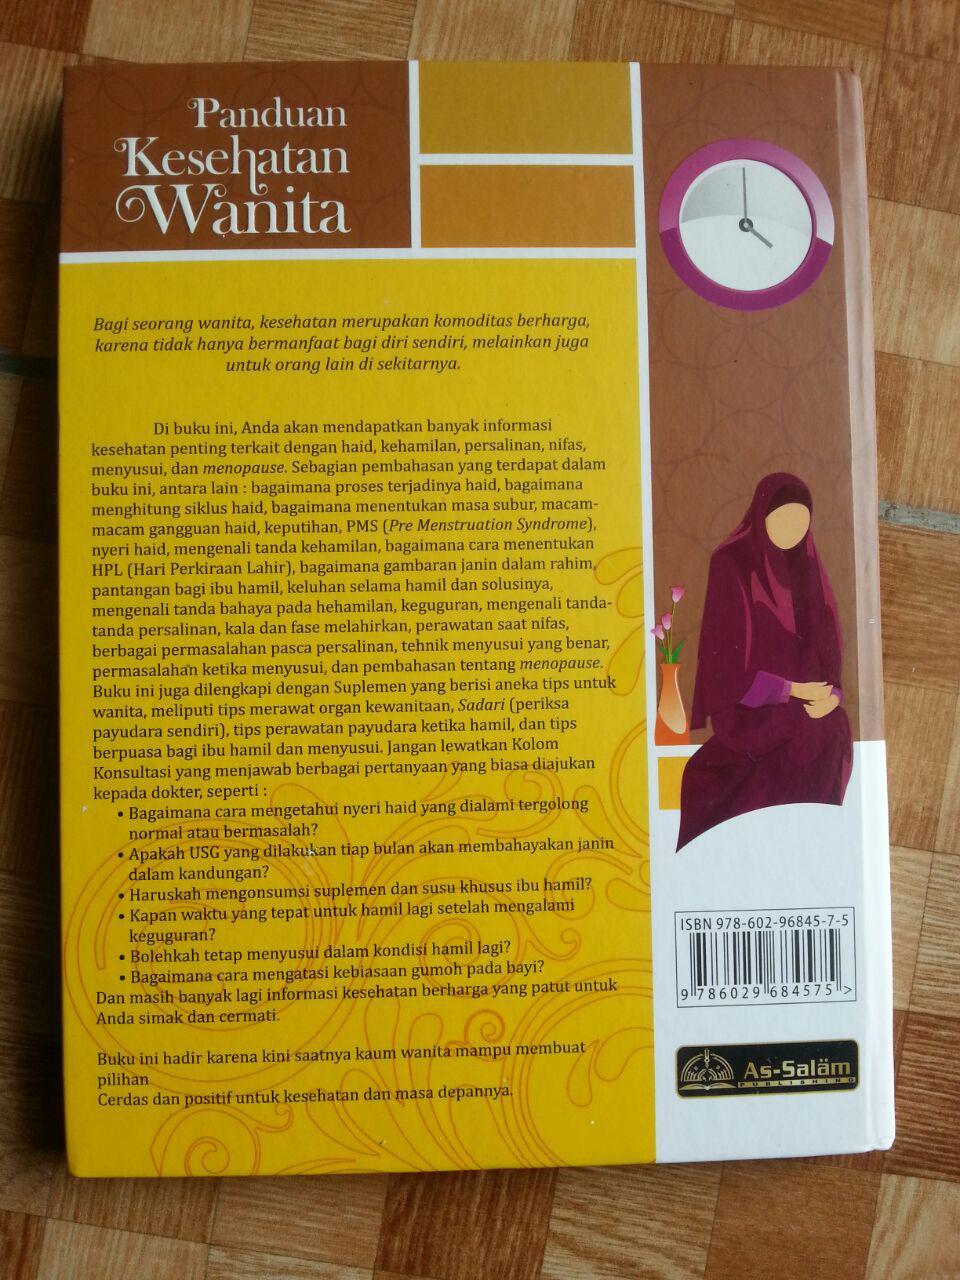 Buku Panduan Kesehatan Wanita cover